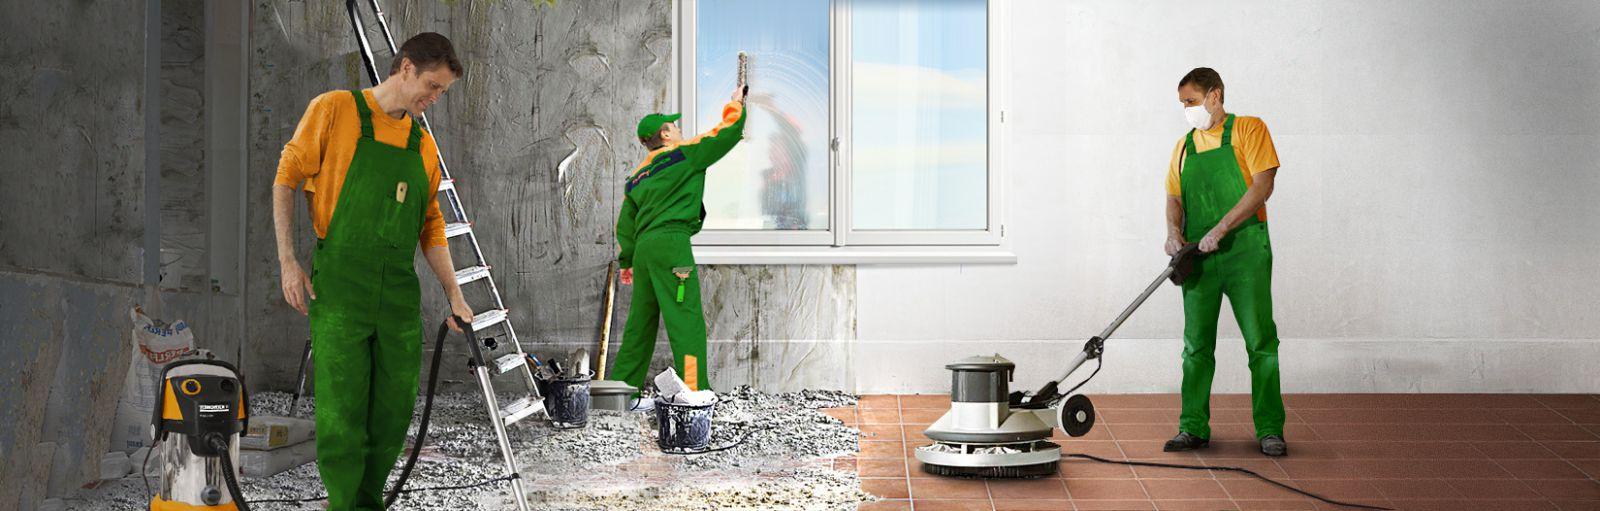 уборка в квартире после ремонта